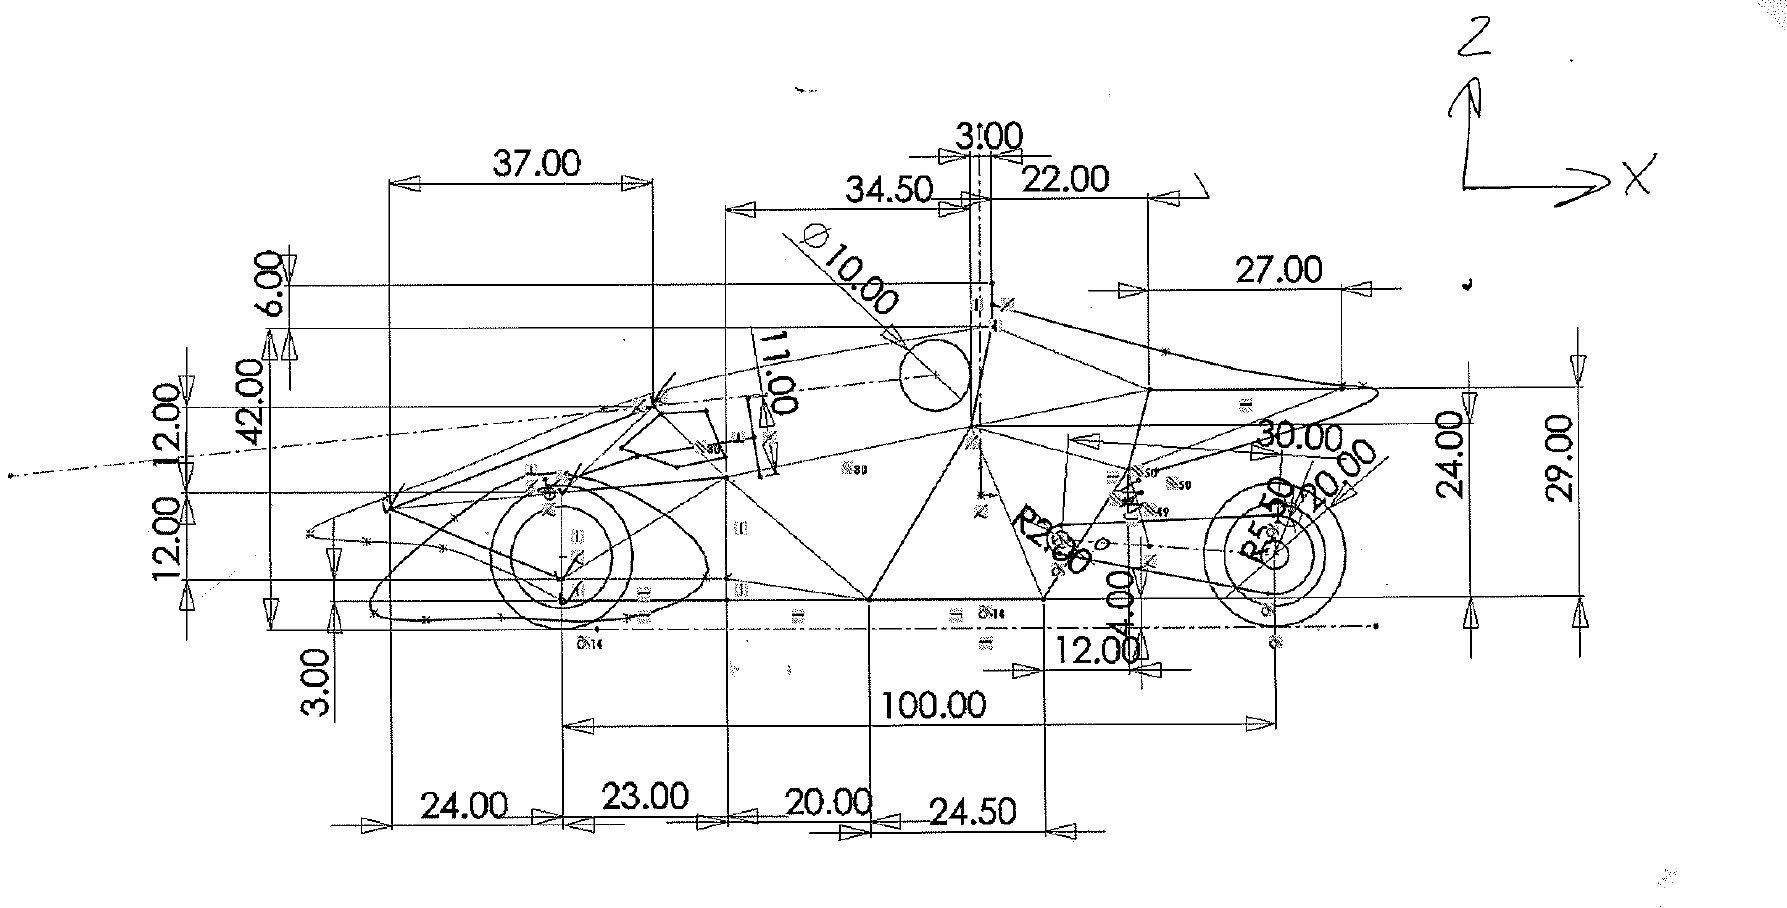 car frame diagram for pinterest